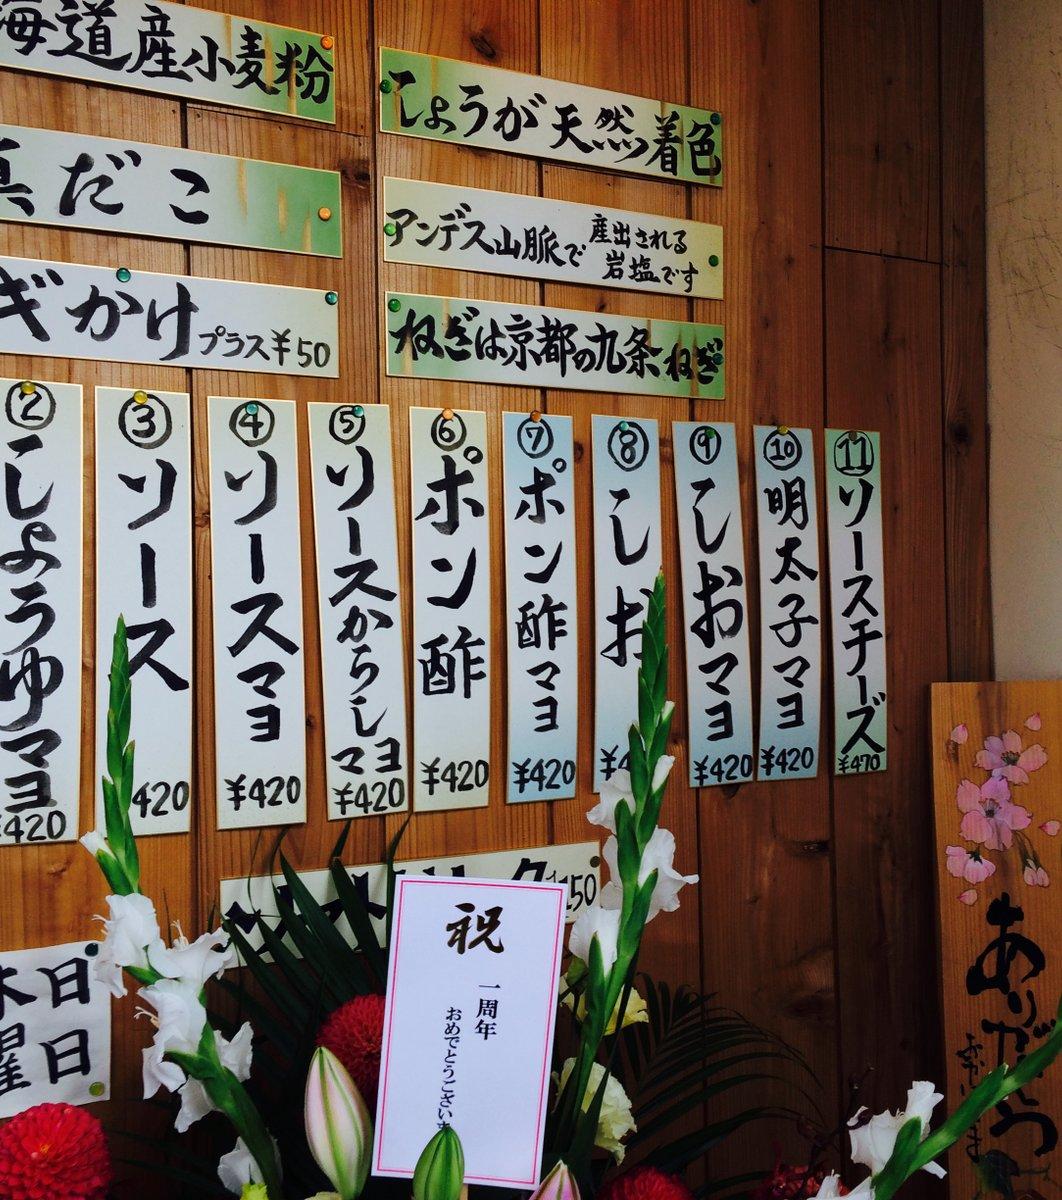 ドン・キホーテ 柳ヶ瀬店